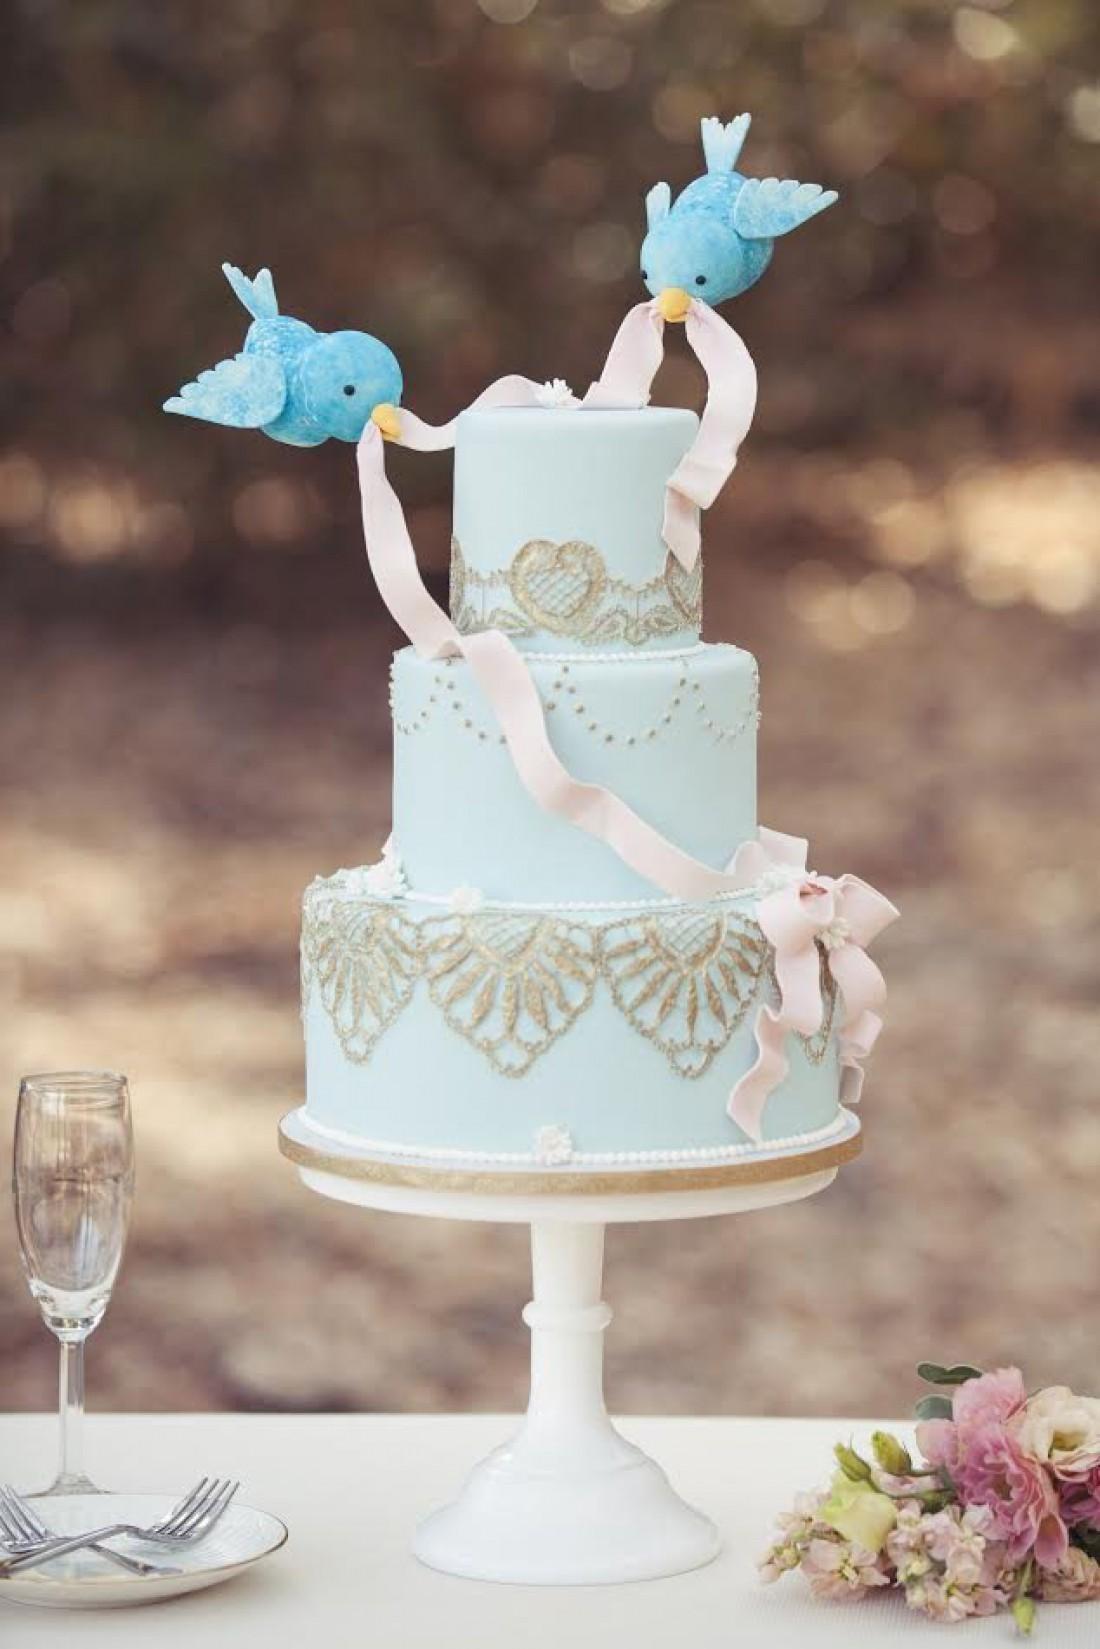 Свадебный торт в стиле Дисней